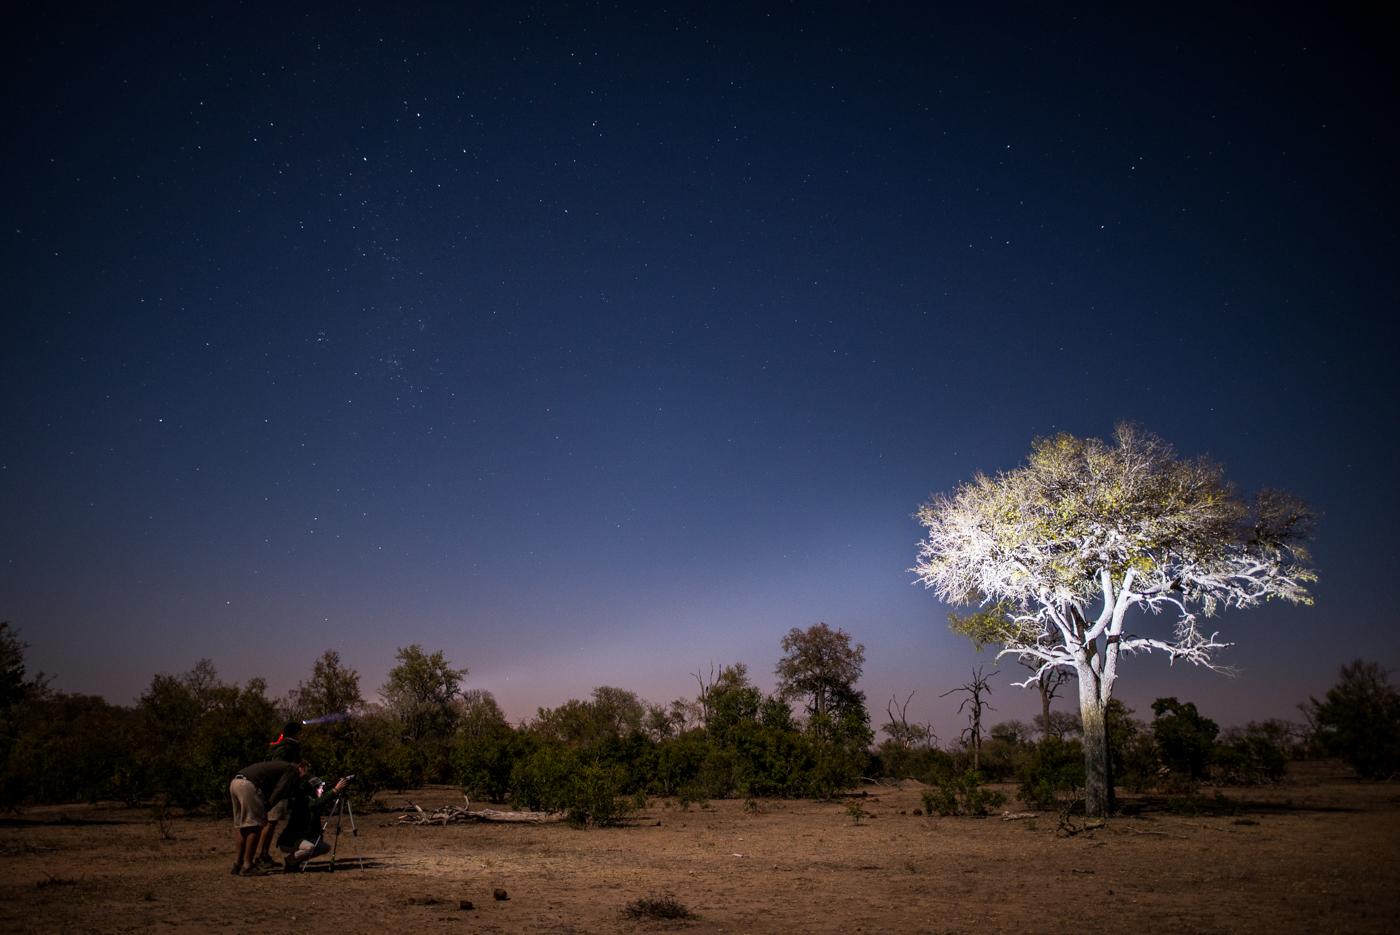 moonlight, SC